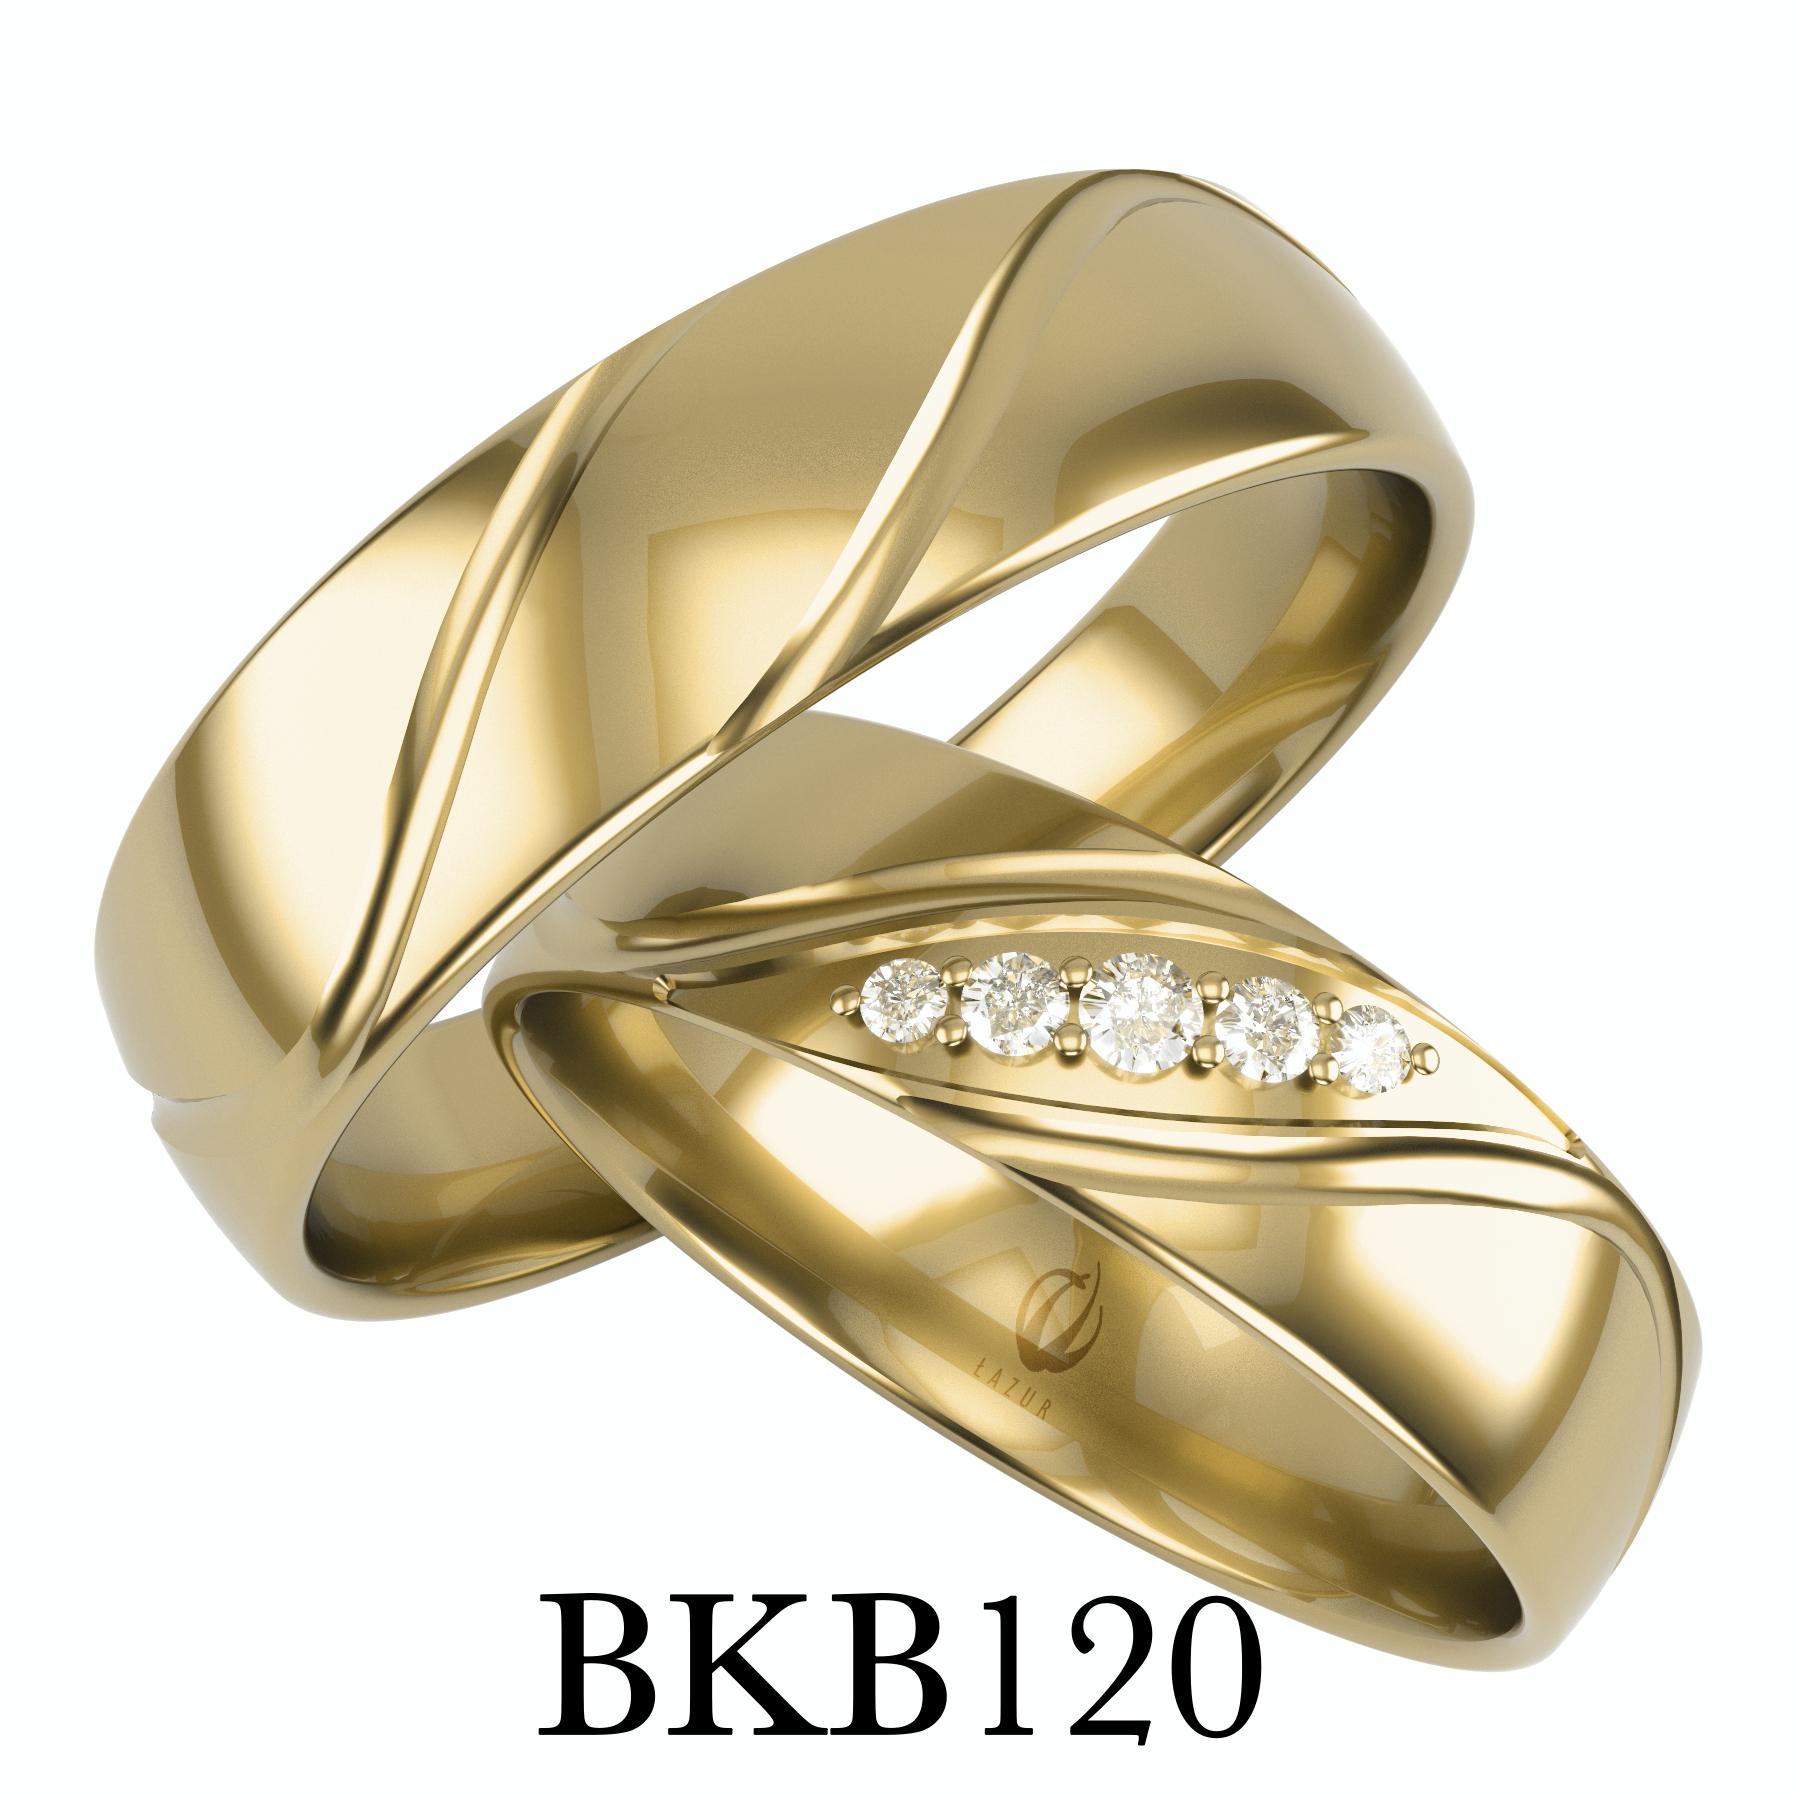 bizuteriakumor.pl obrączki półokrągłe klasyczne obrączka damska zdobiona 5 cyrkoniami brylantami po ukosie bkb120 1